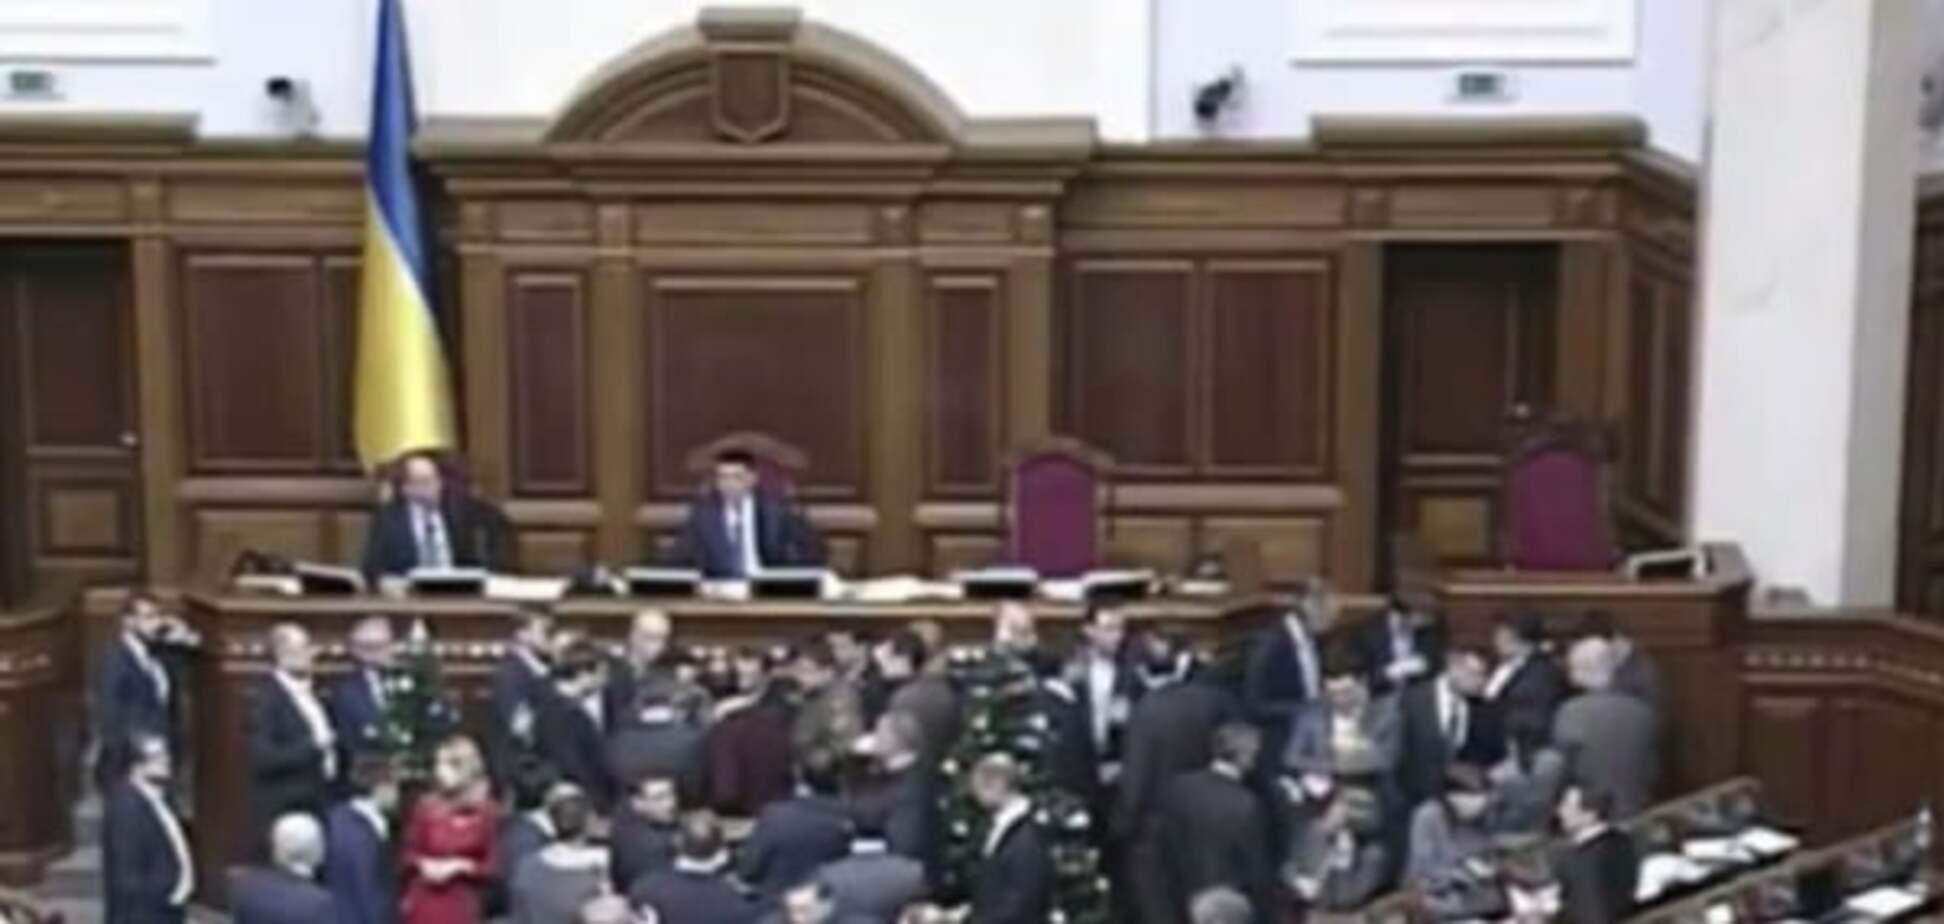 Депутати заблокували трибуну і скандують 'Кривий Ріг!'